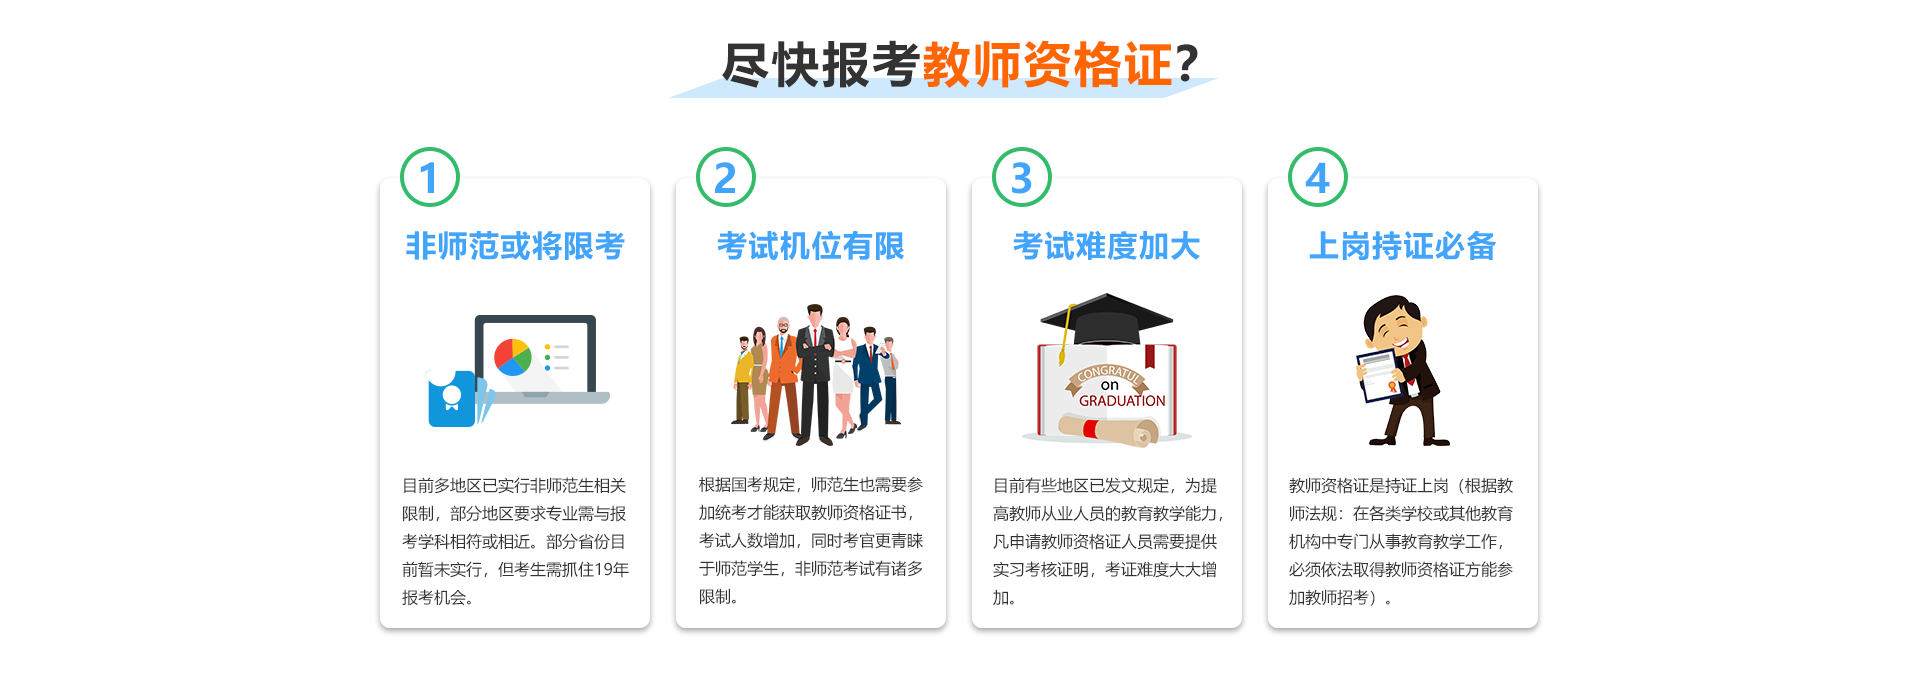 必过视频专题页-专业介绍-幼儿教师资格证_03.png